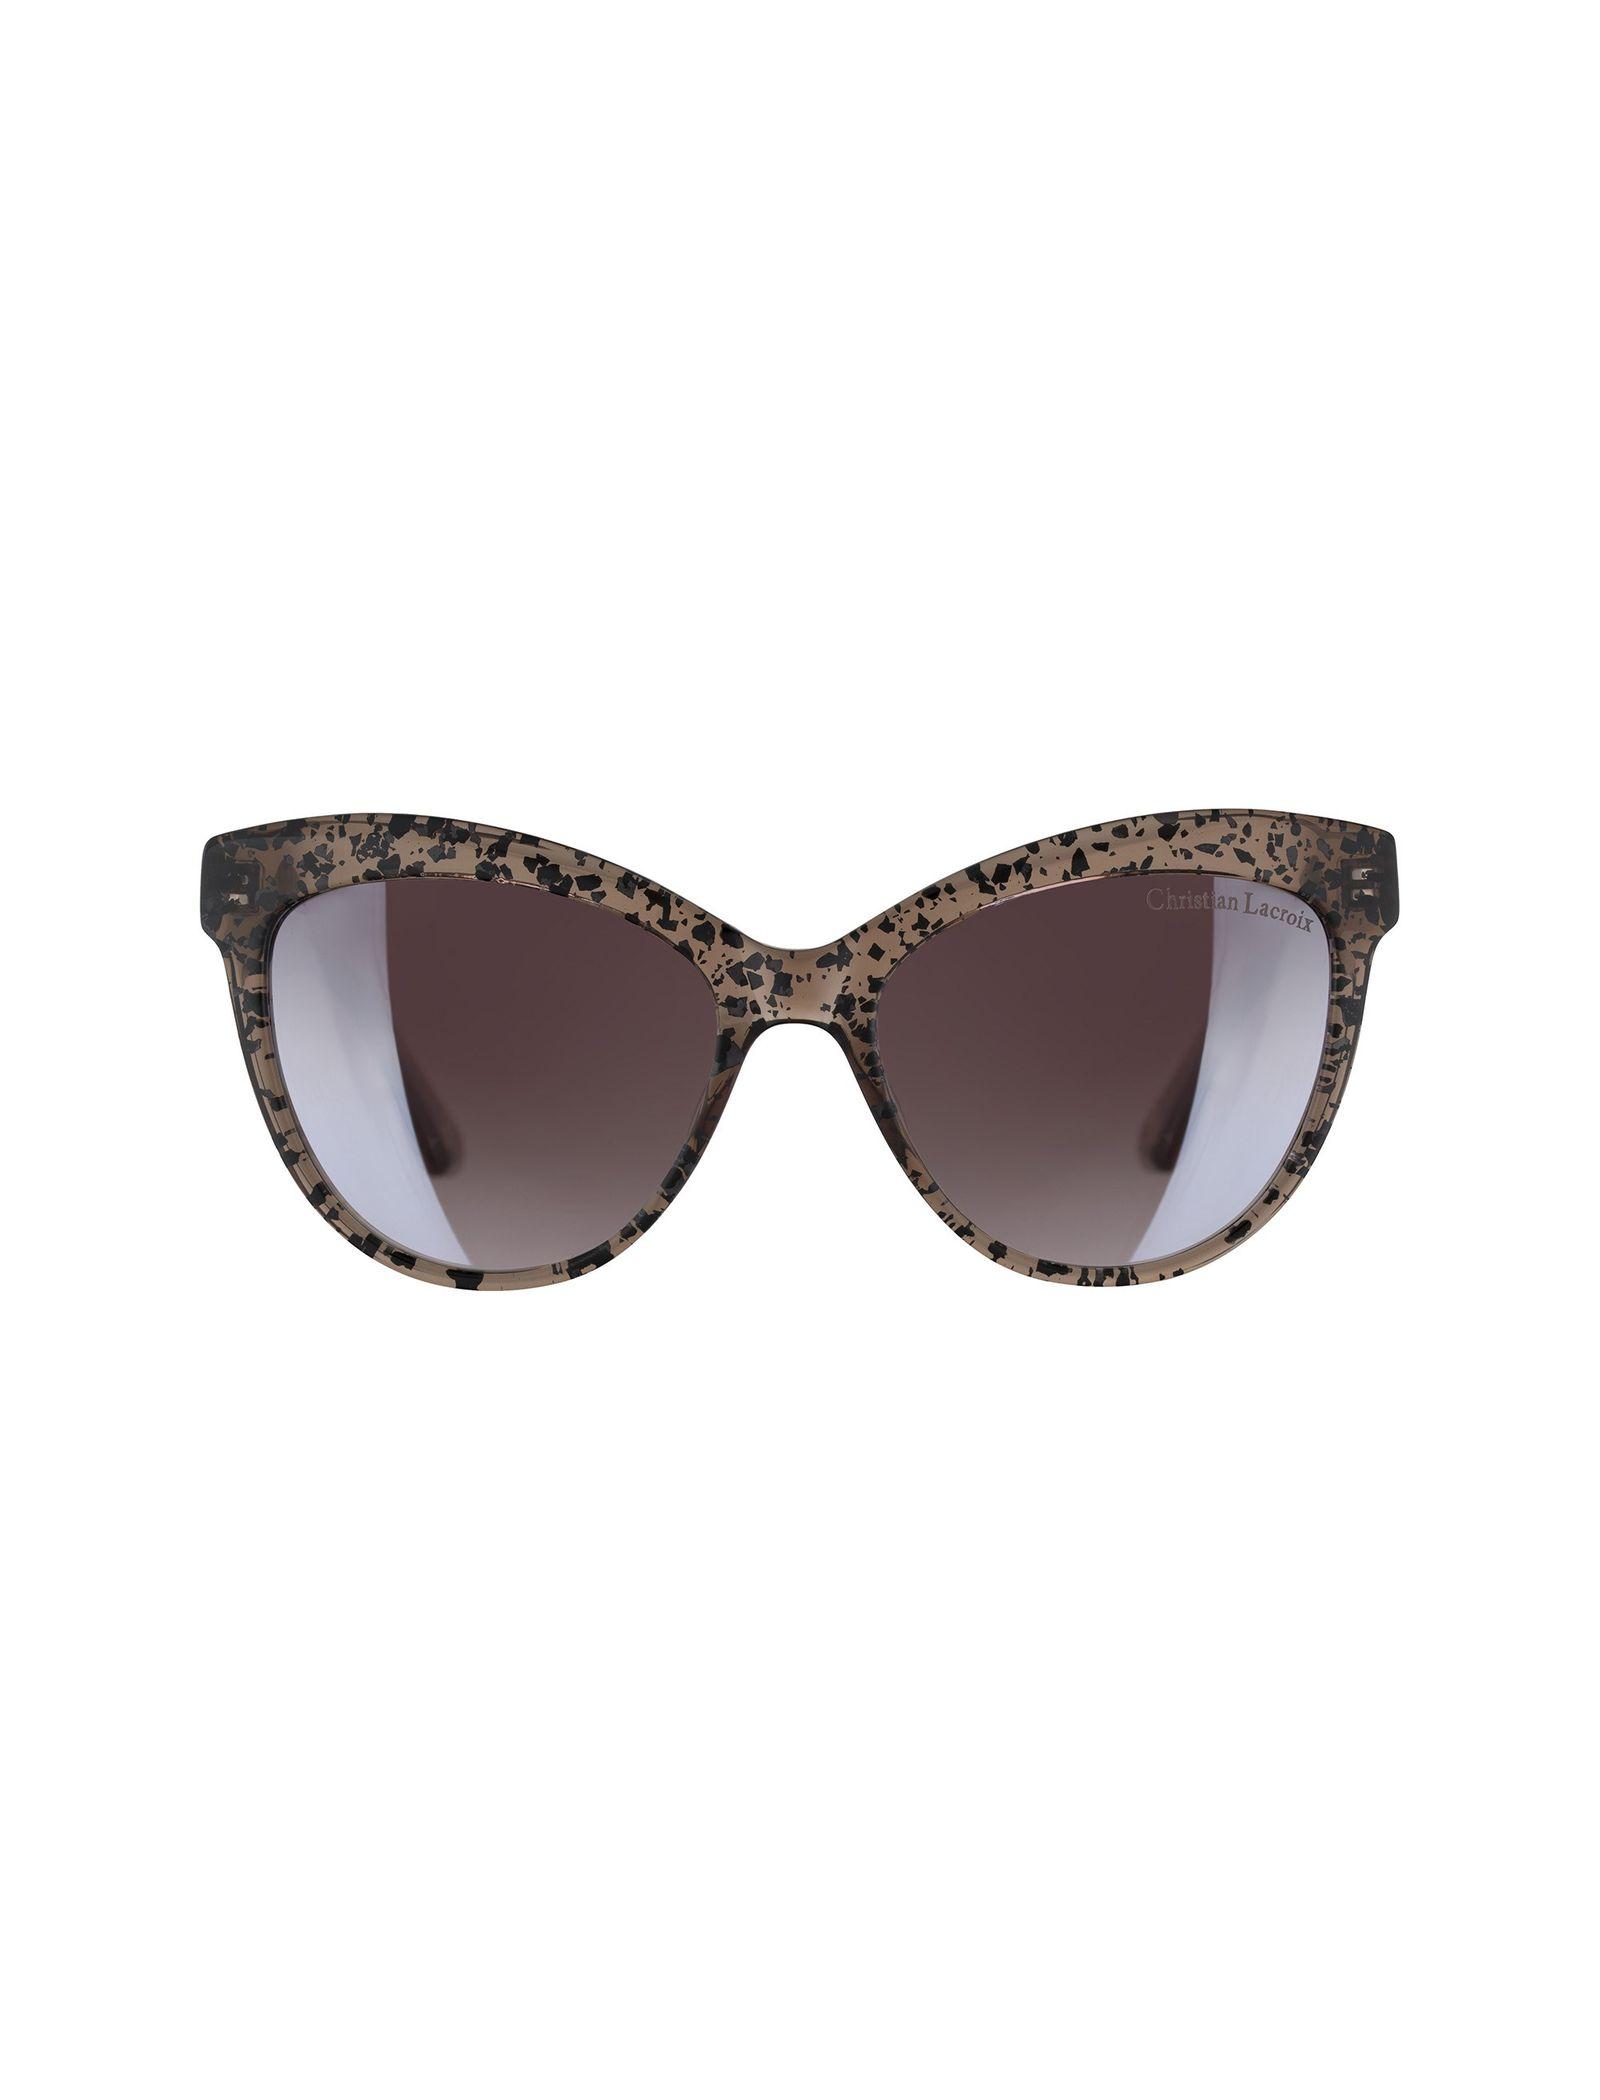 عینک آفتابی گربه ای زنانه - کریستین لاکروآ - کاراملي شفاف - 1